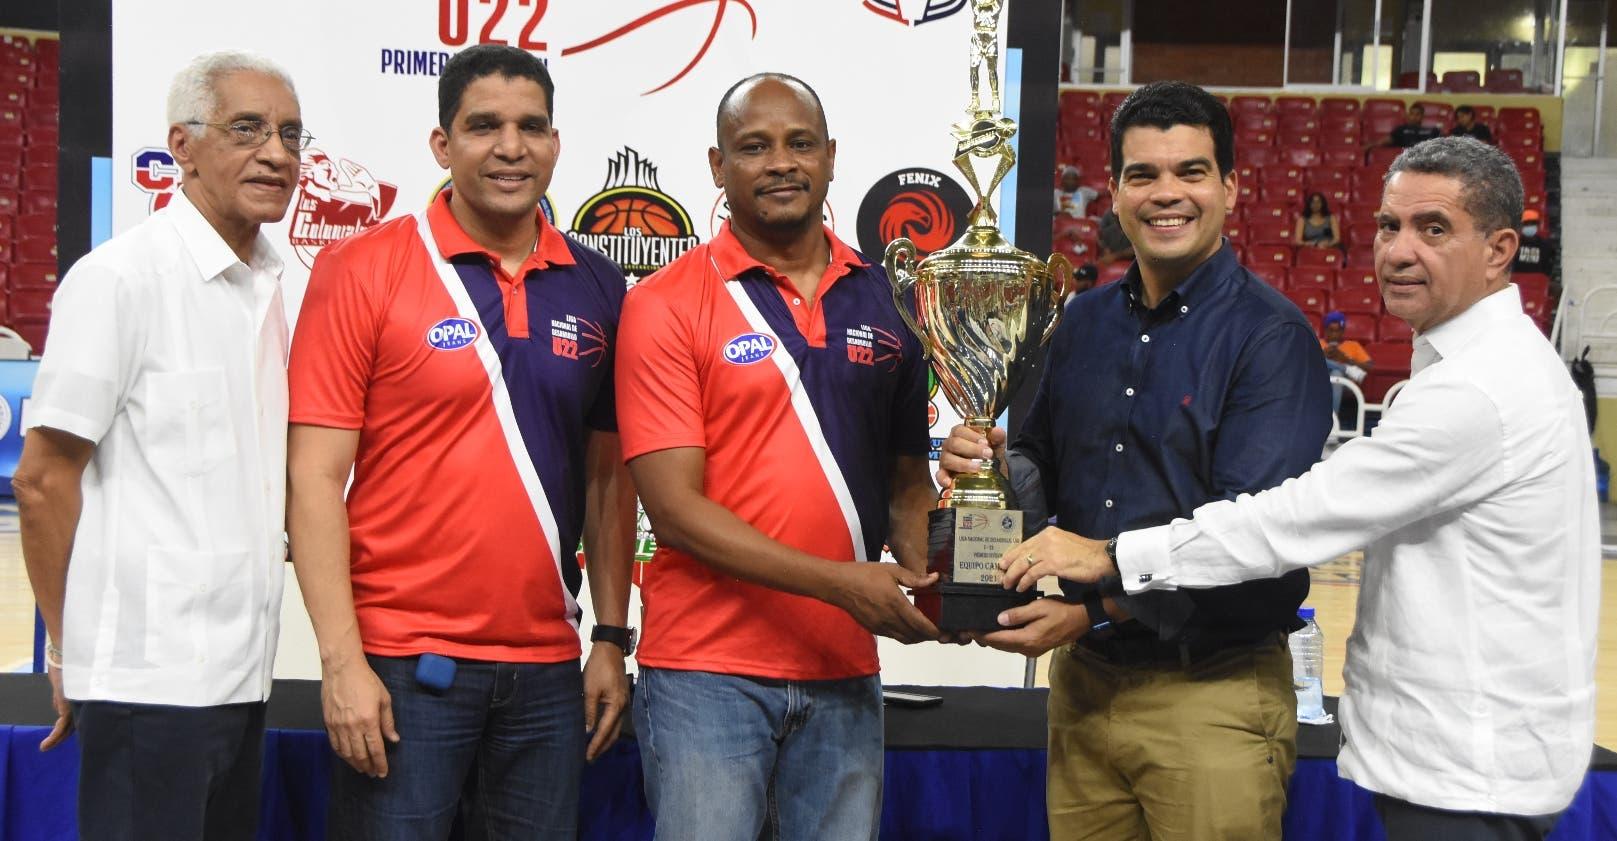 Wellington Arnaud loa importancia  Liga Desarrollo Básket